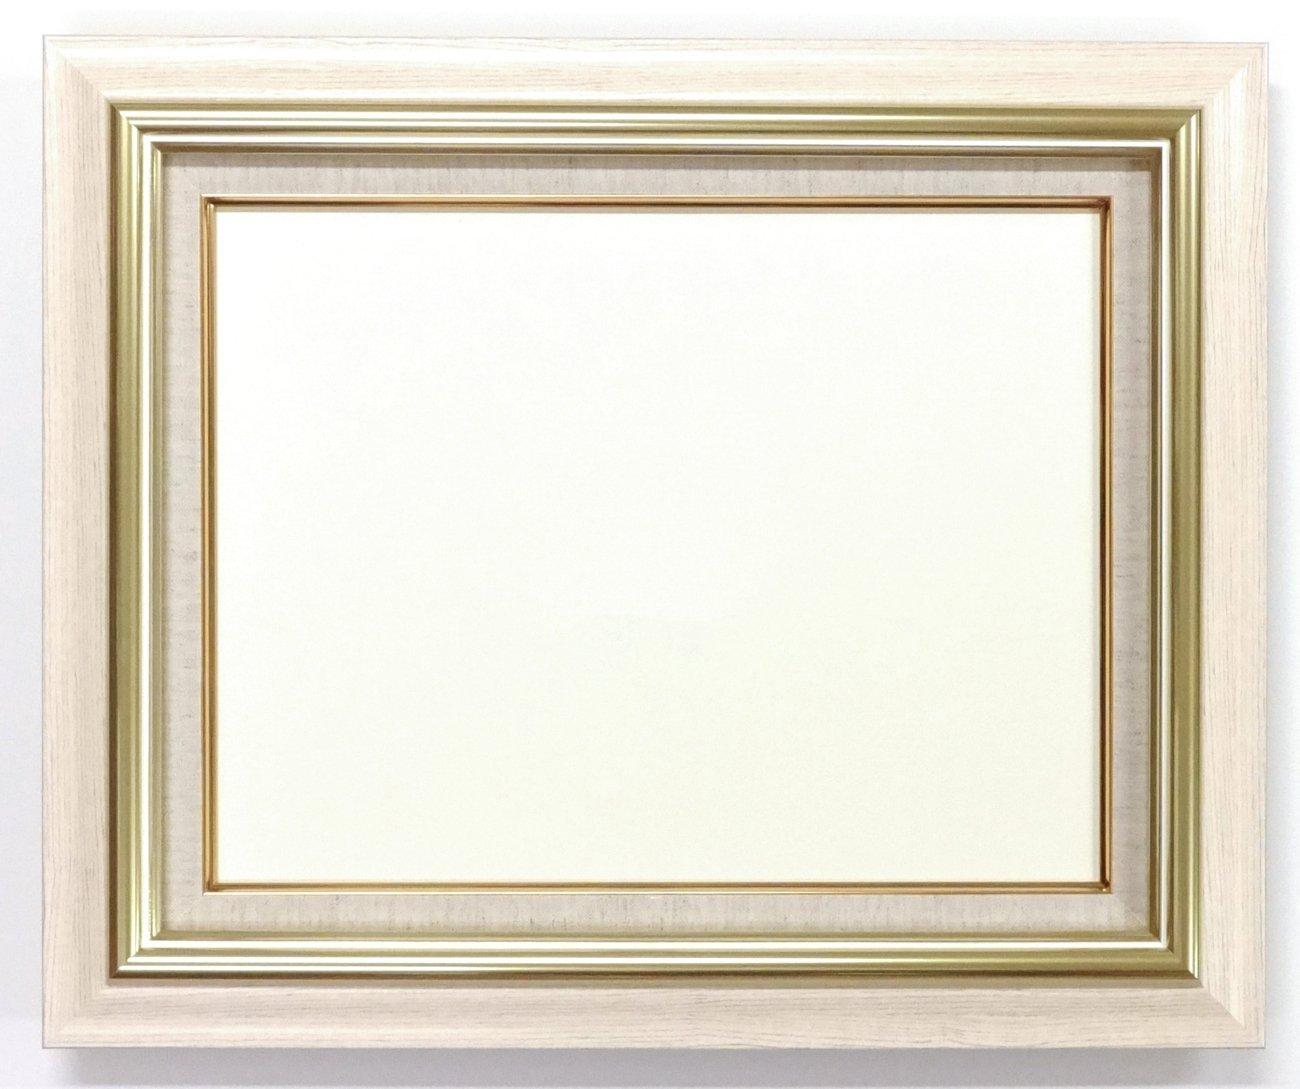 大額 油彩用額縁 8116 アクリル仕様 壁用フック付 (F8, アイボリー) B01NAI9C1X F8|アイボリー アイボリー F8